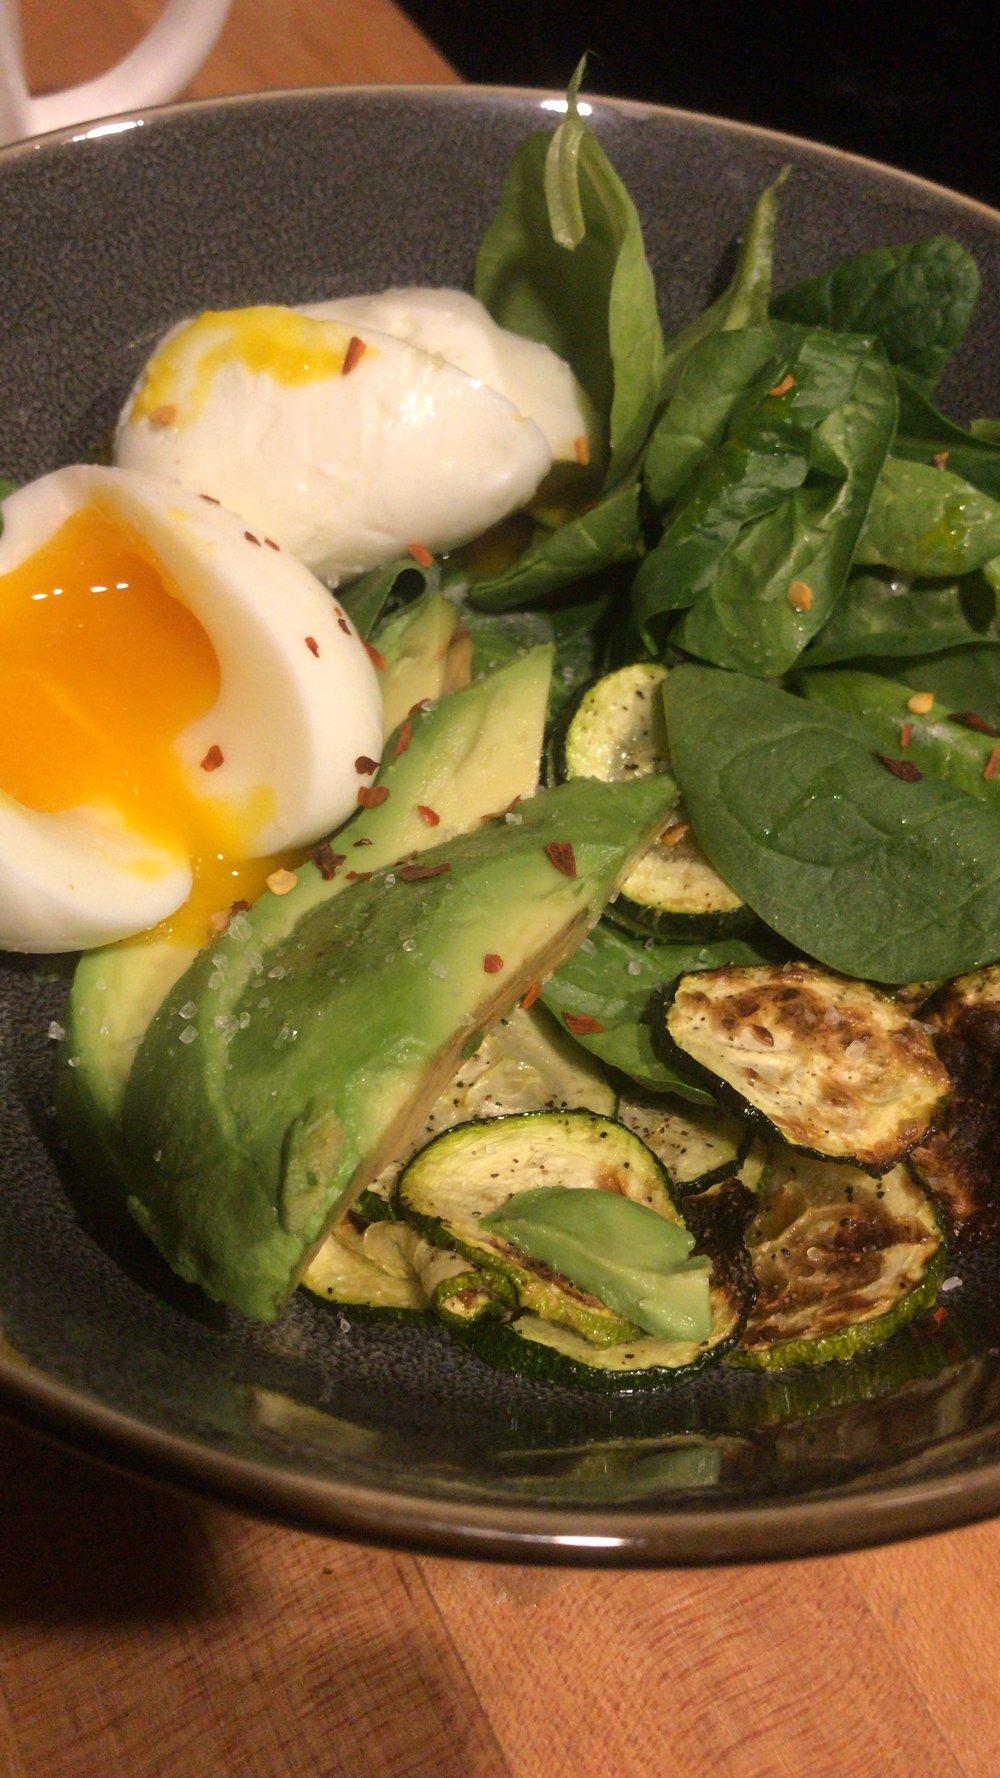 breakfastbowl.JPG